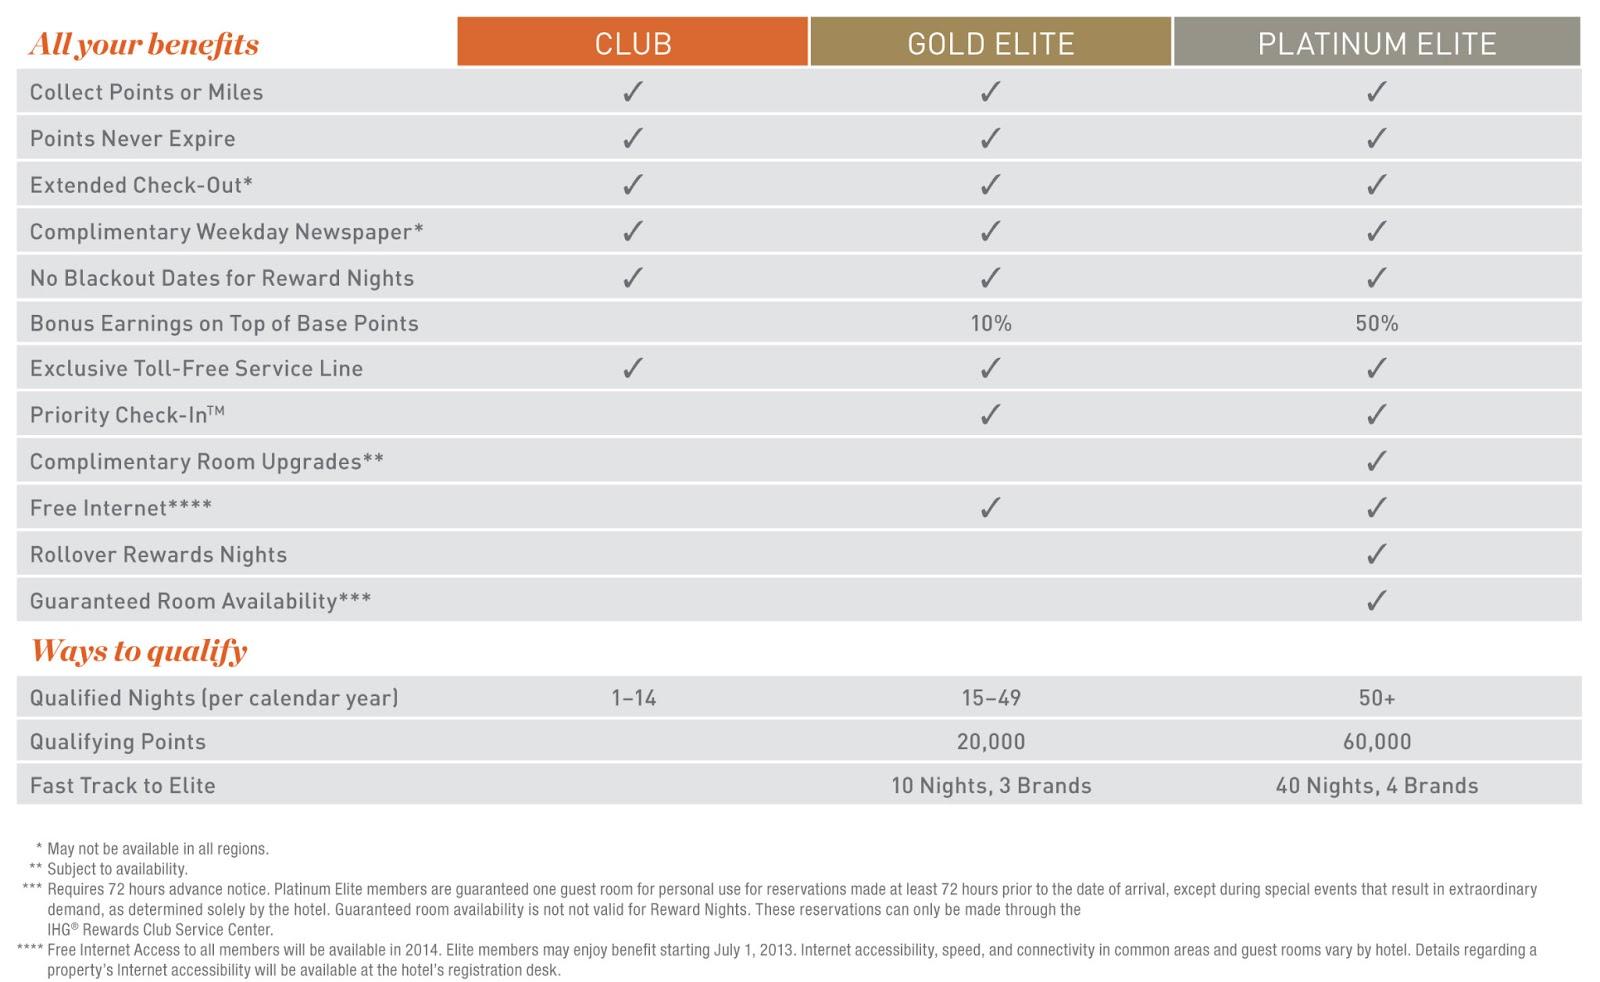 Benefits overview of IHG Rewards Club